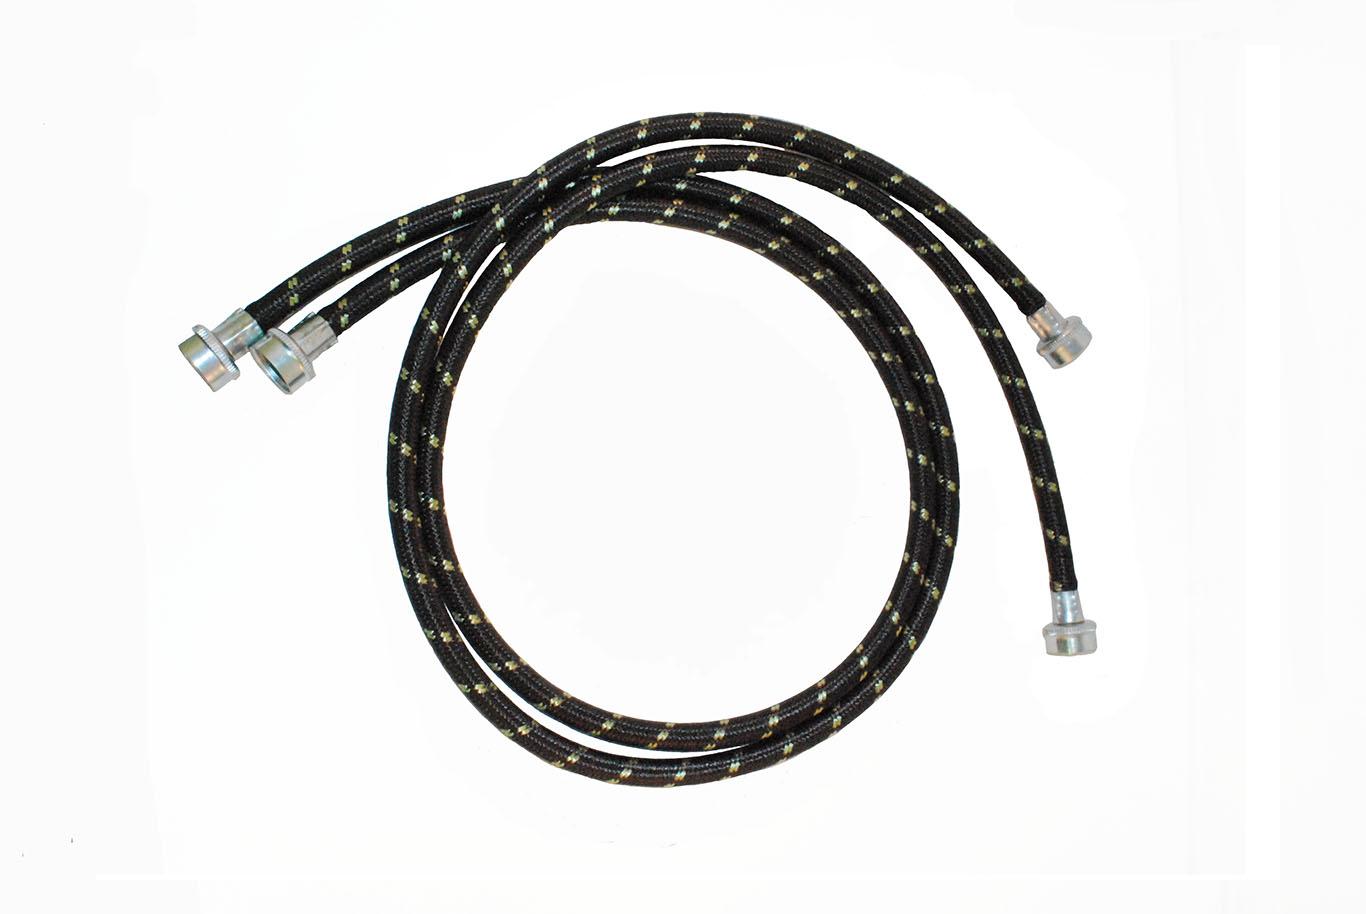 2 upgrade stnless washer hose